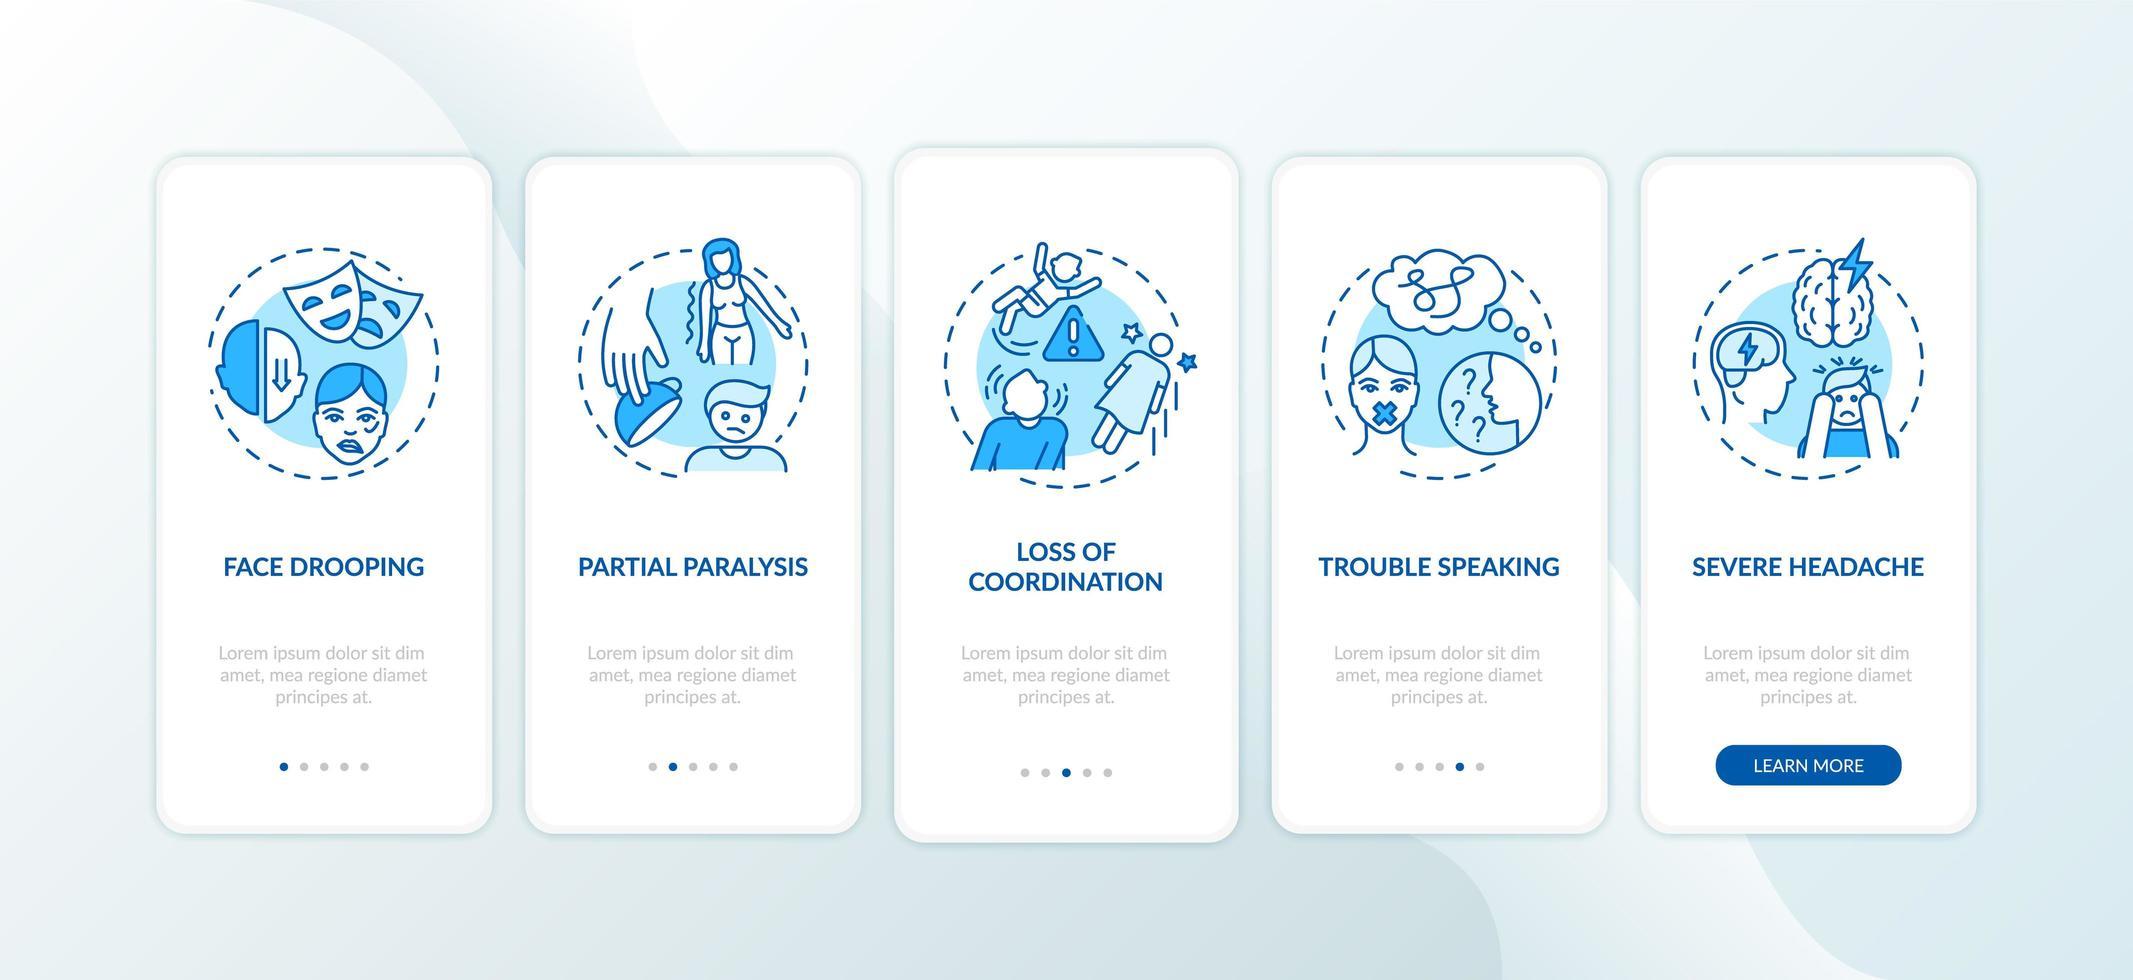 accidente cerebrovascular, conceptos de la pantalla de la página de la aplicación móvil vector